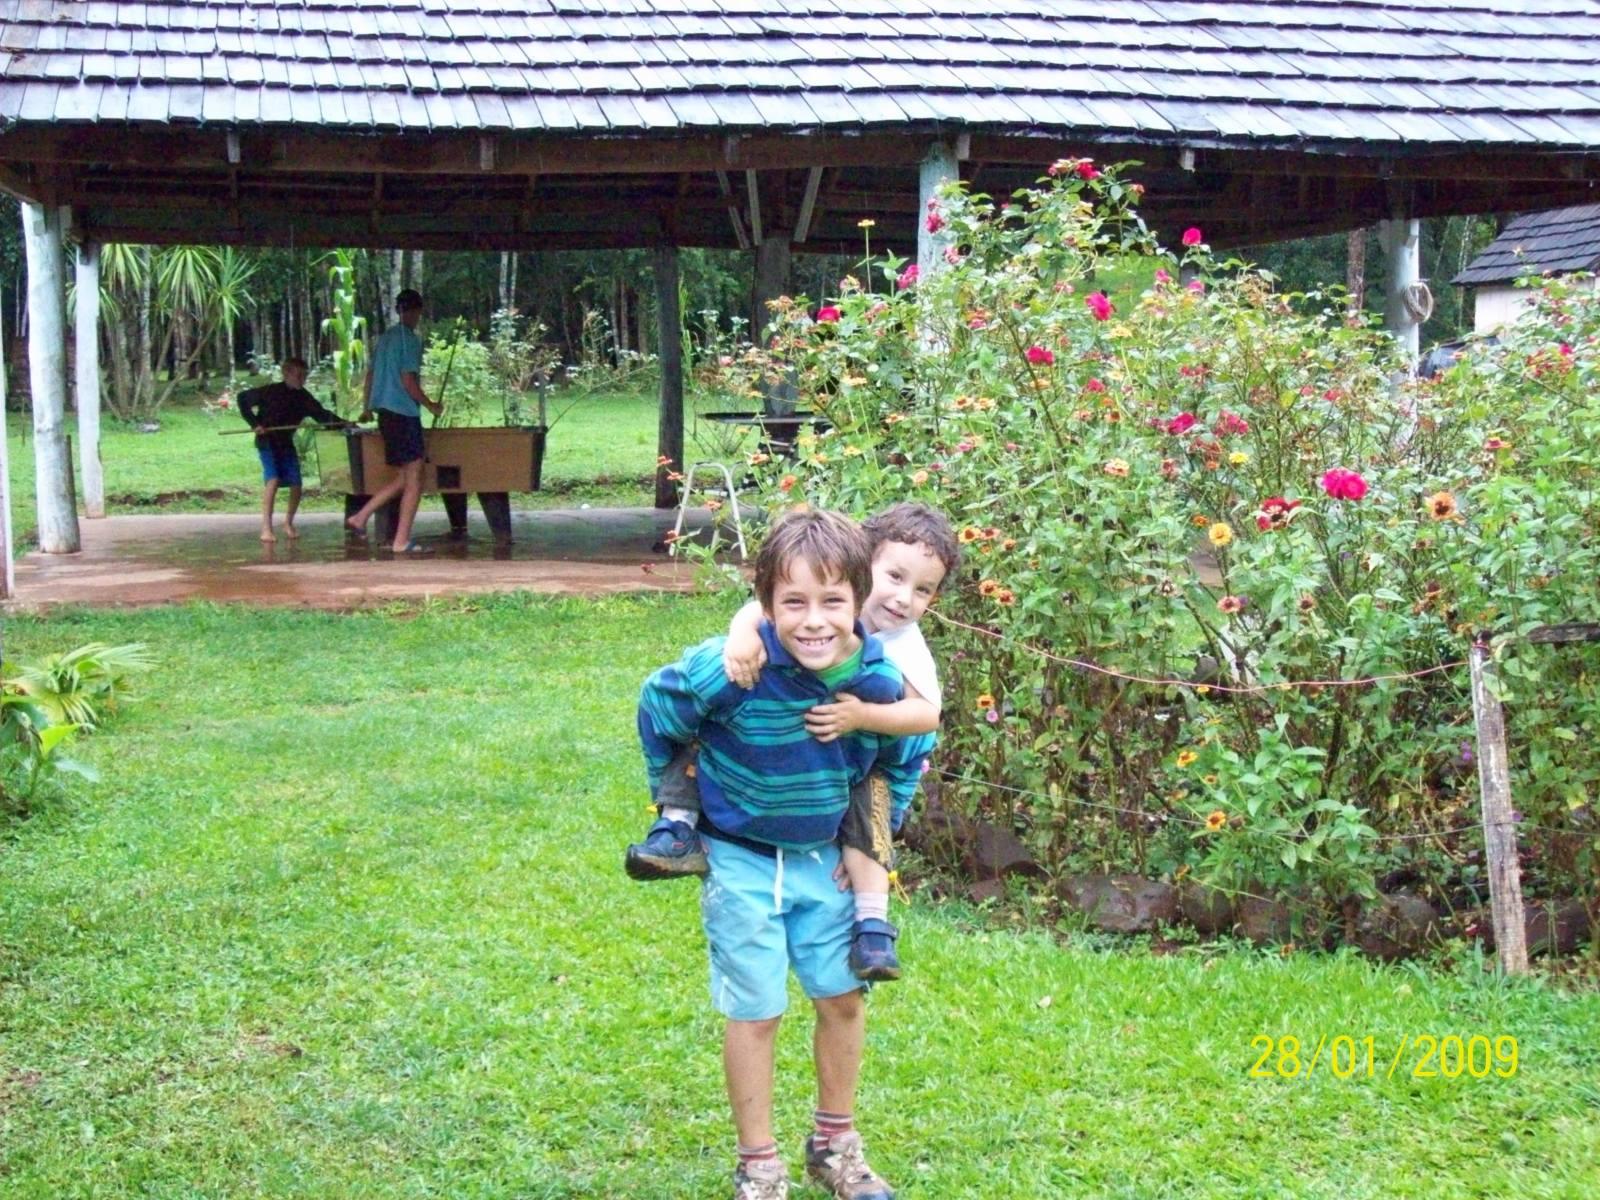 Informe de Campings en Misiones (ahora con imágenes) 2luv3gj